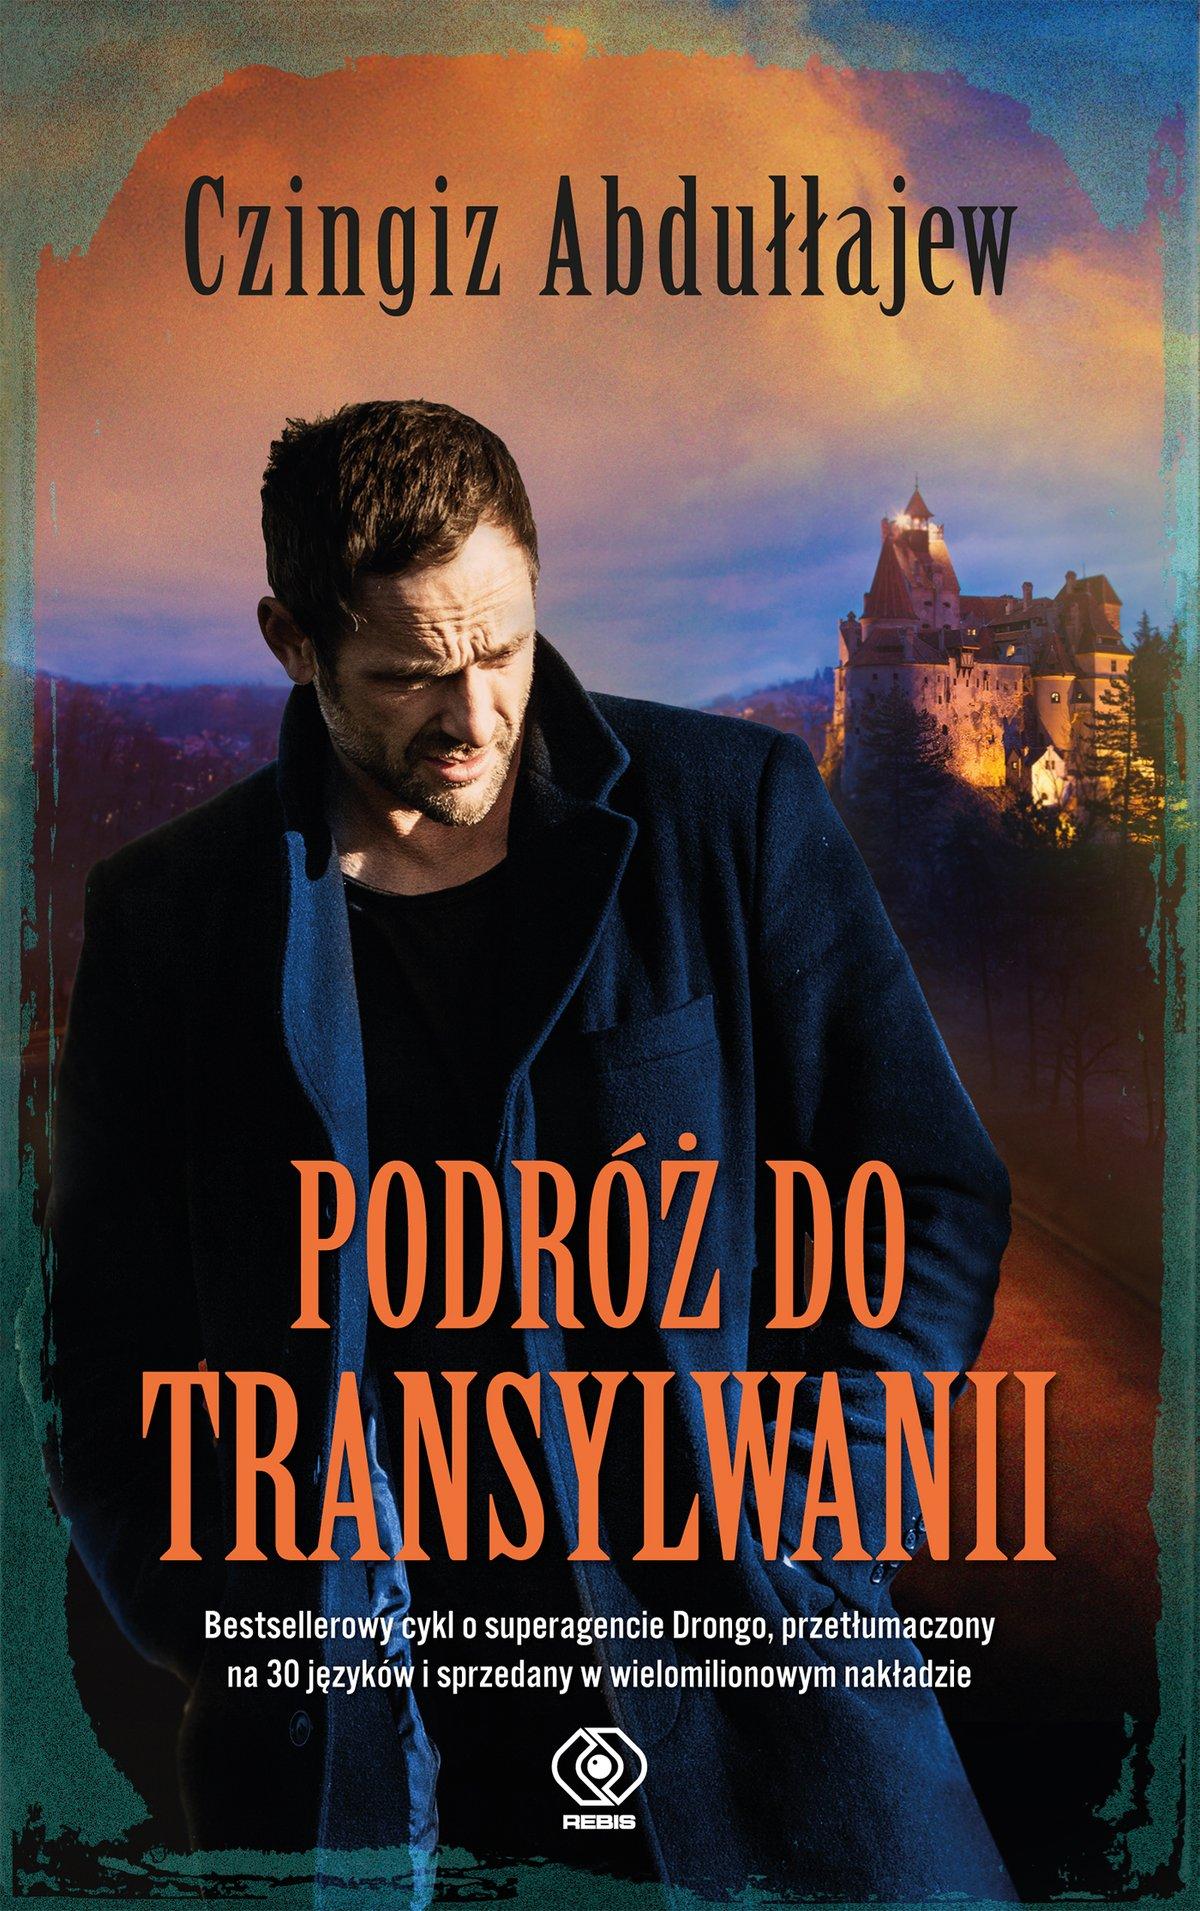 Podróż do Transylwanii - Ebook (Książka EPUB) do pobrania w formacie EPUB